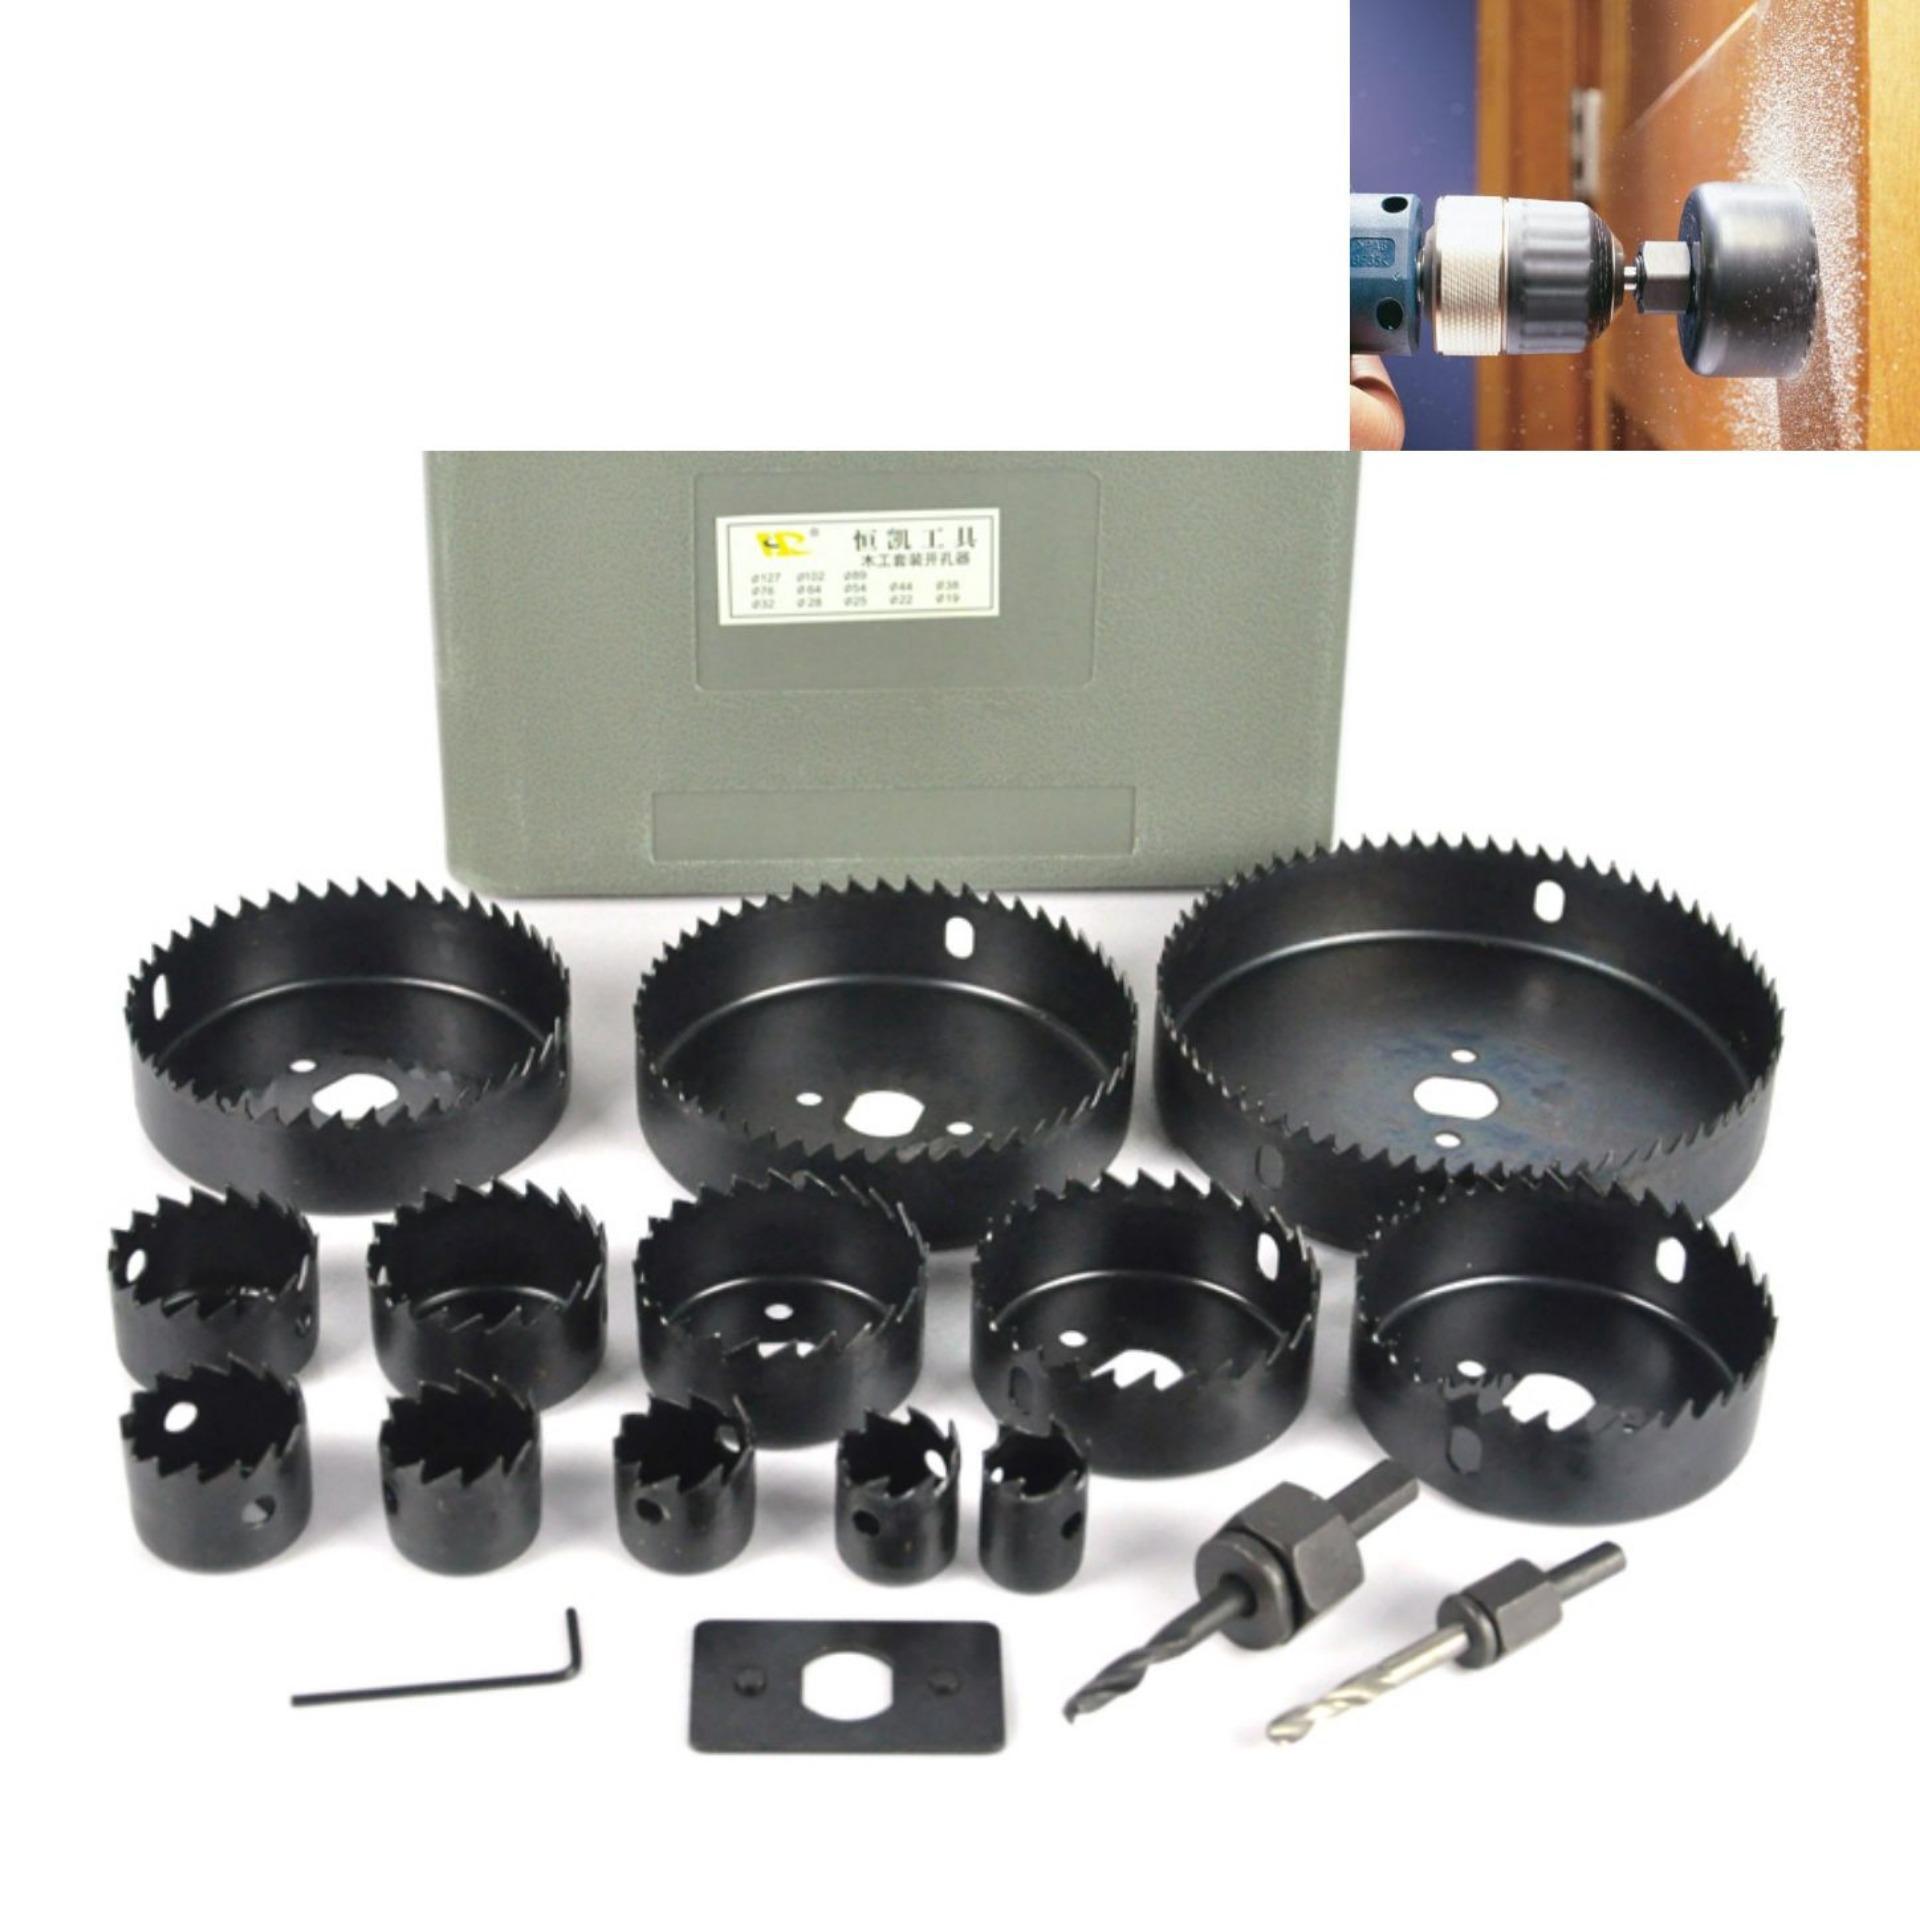 Khoét lỗ thùng loa – Mũi khoan khoét lỗ thạch cao[HTS][DLCG] chuyên dụng cho bề mặt thạch cao và gỗ. Dễ dàng lắp đặt, sử dụng đơn giản hiệu quả.